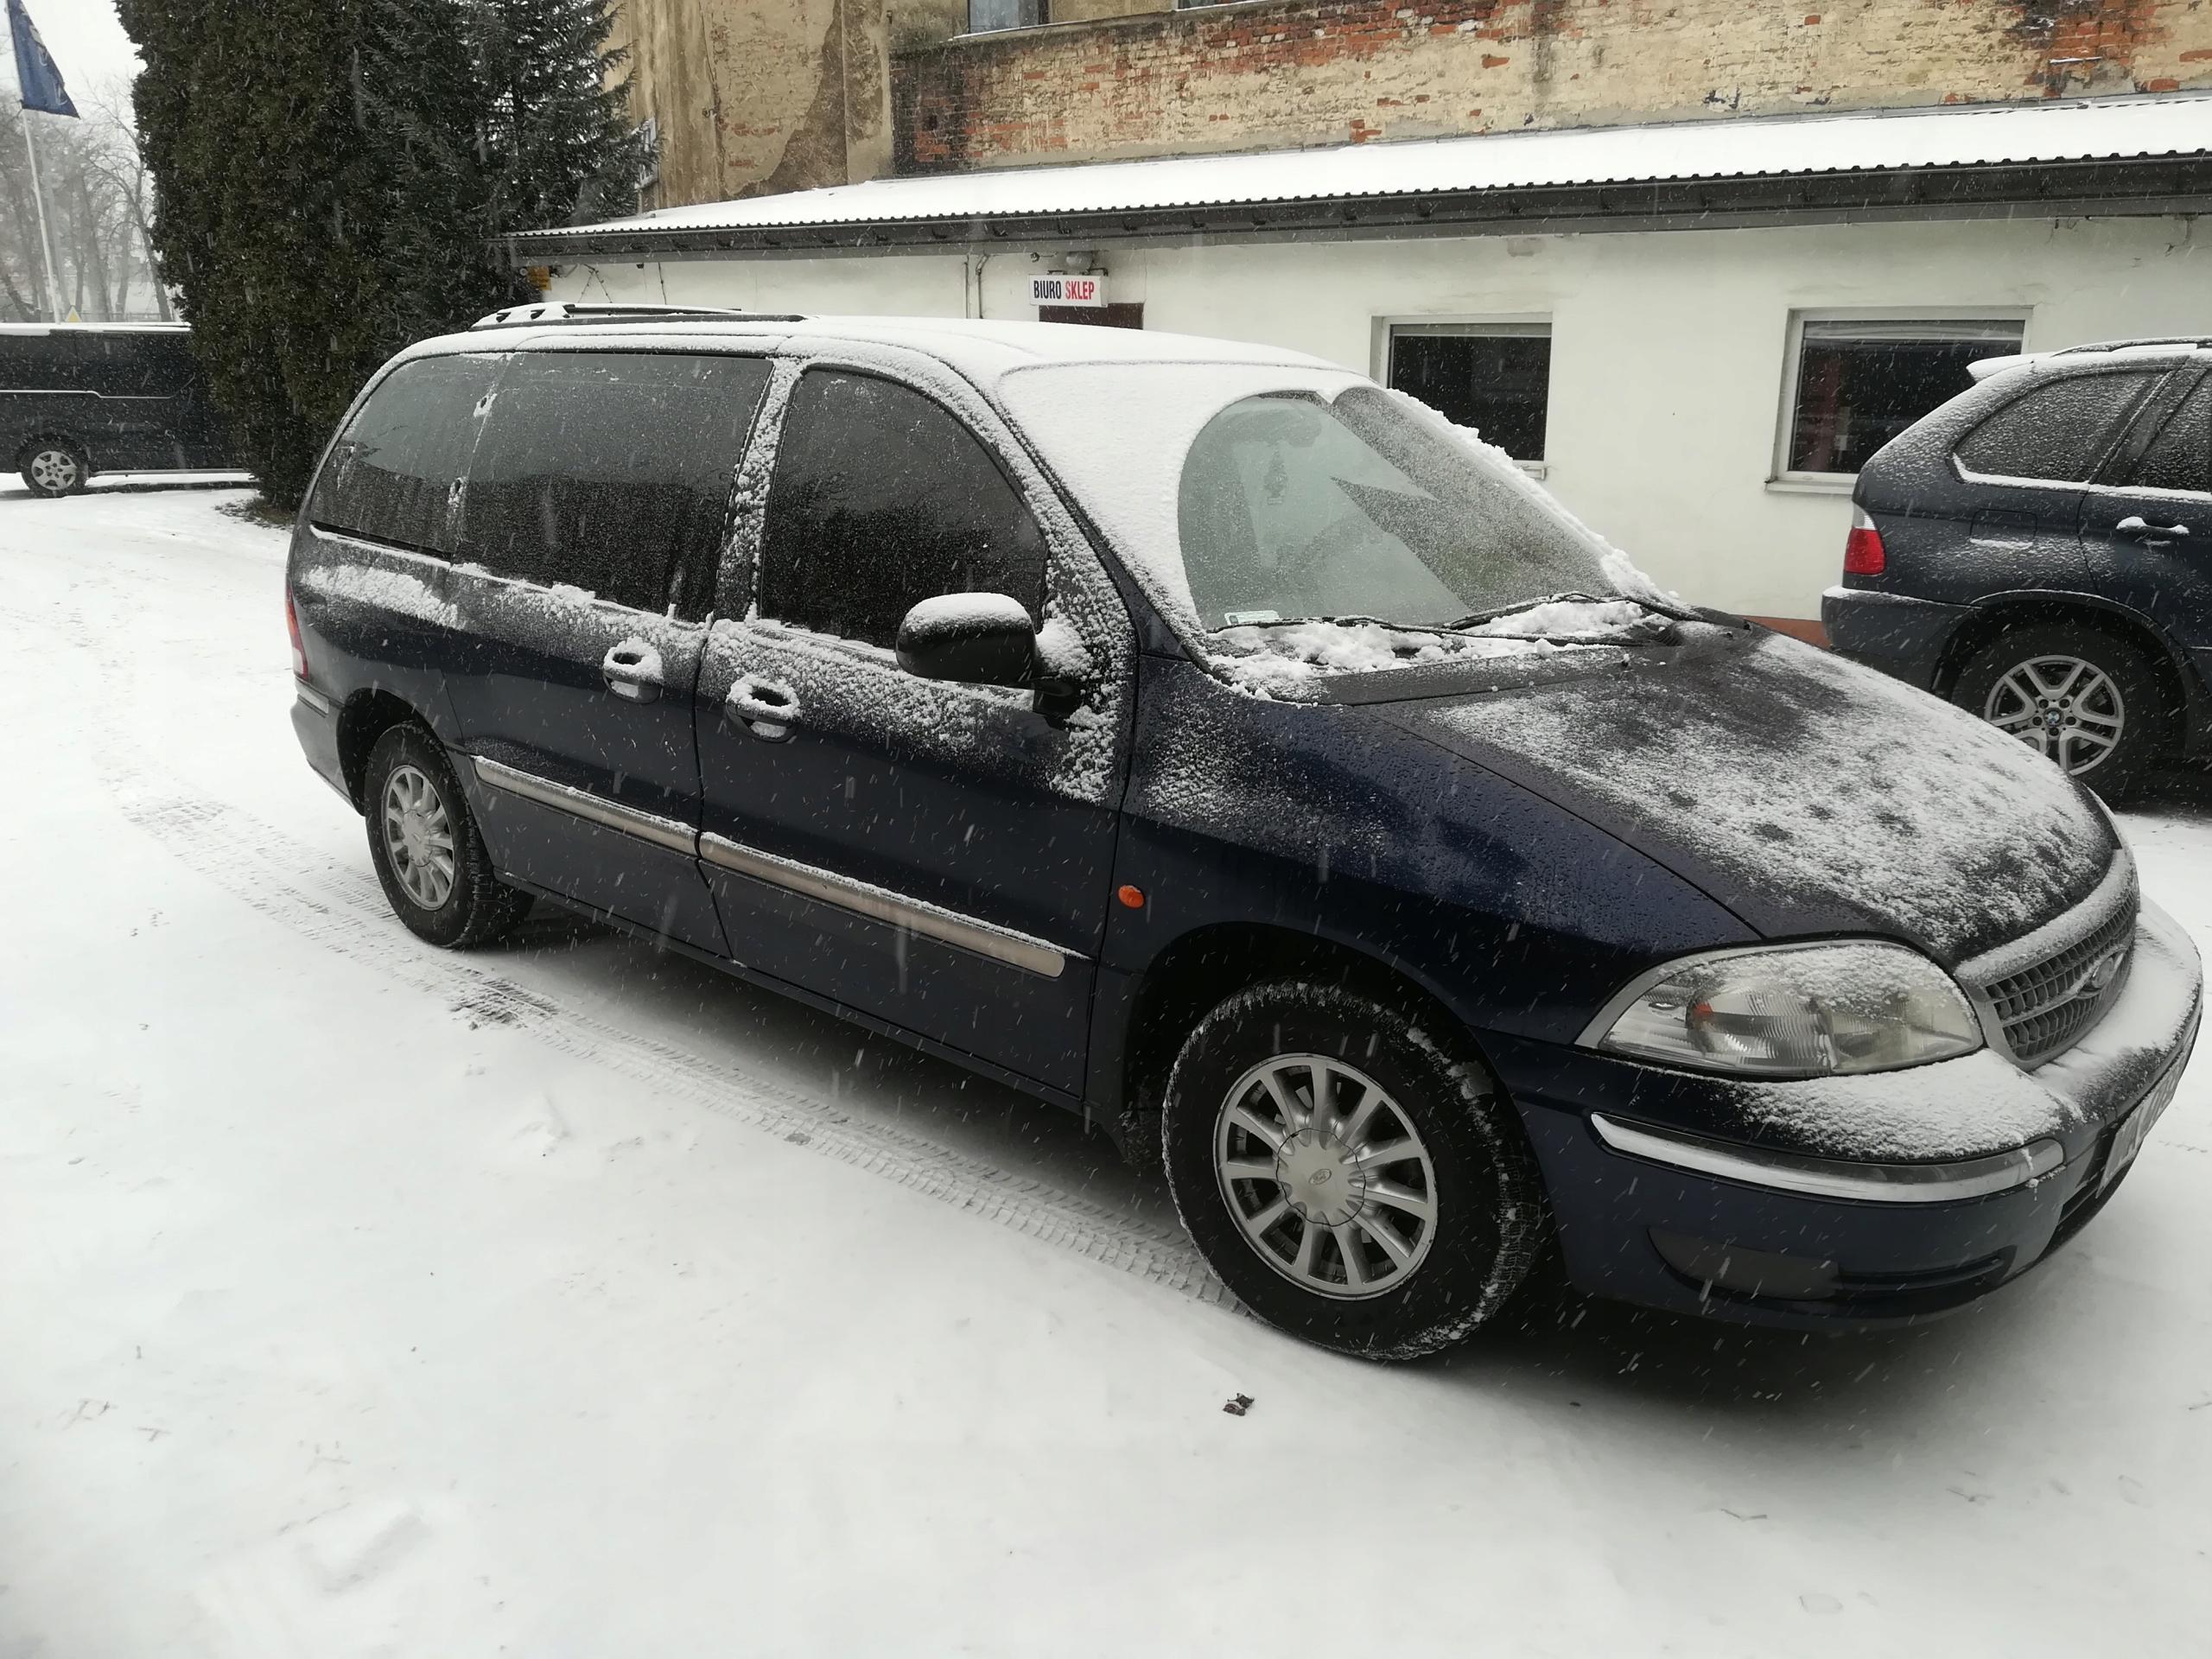 Ford Windstar 2000r 3.0 v6 7 osobowy